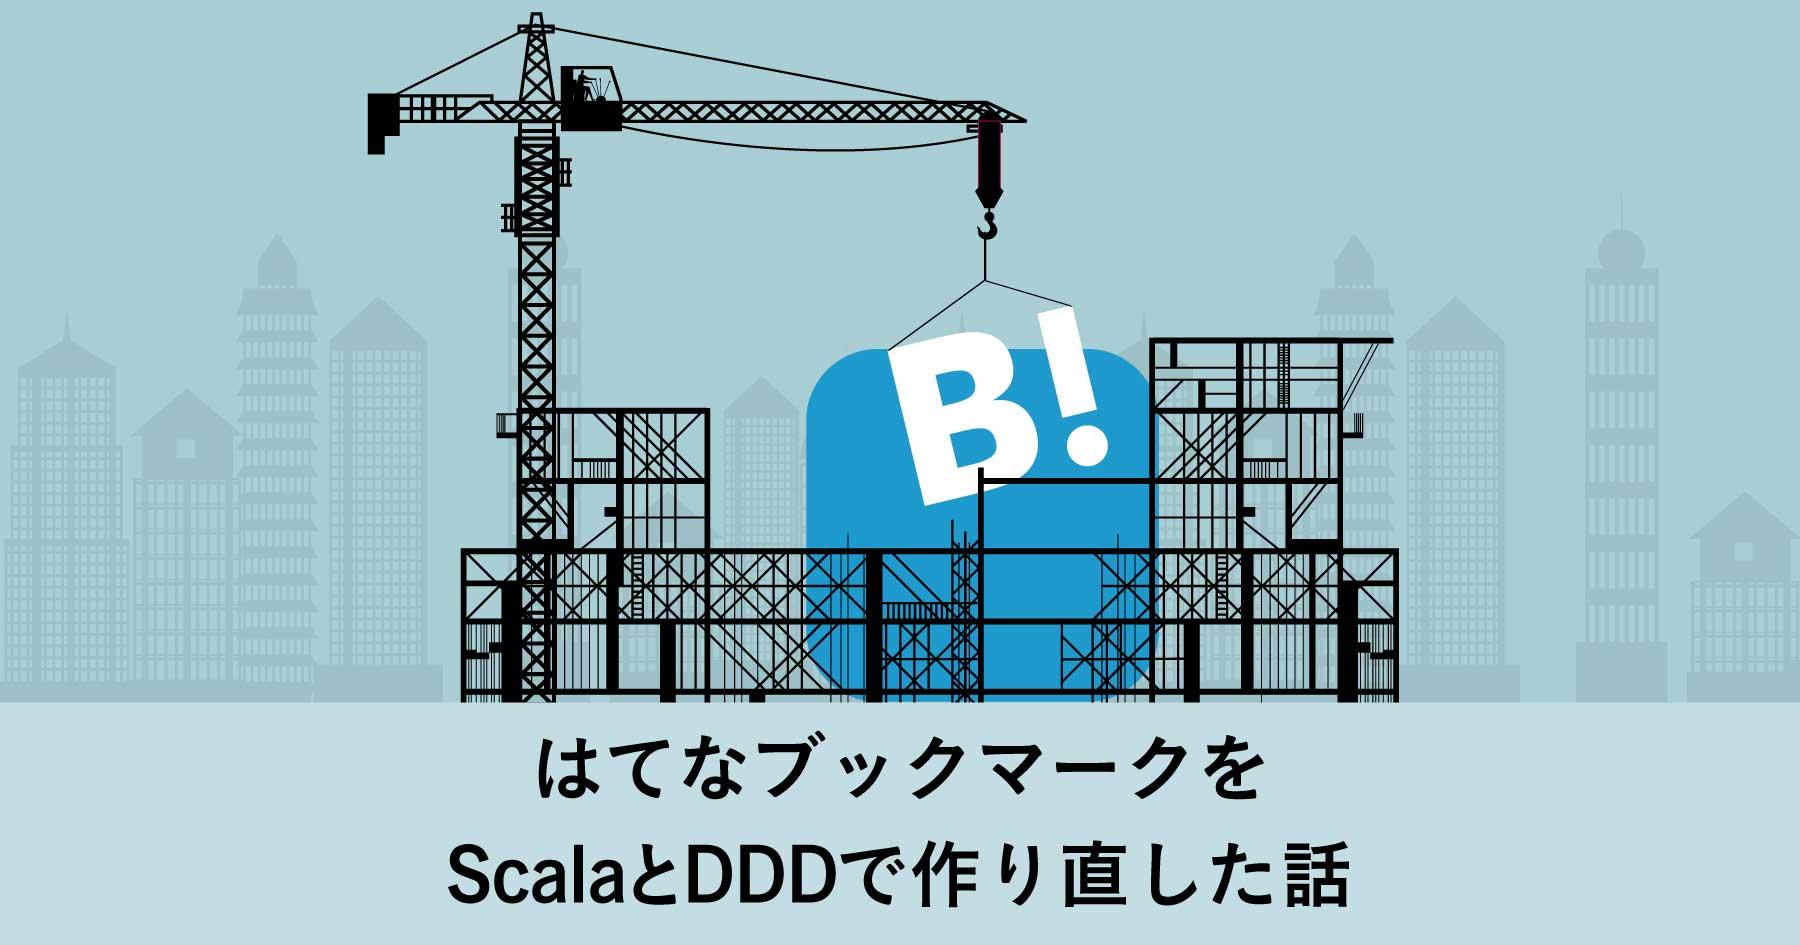 10年モノのサービスをアーキテクチャから書き直す─はてなブックマークを再設計したDDDとScala